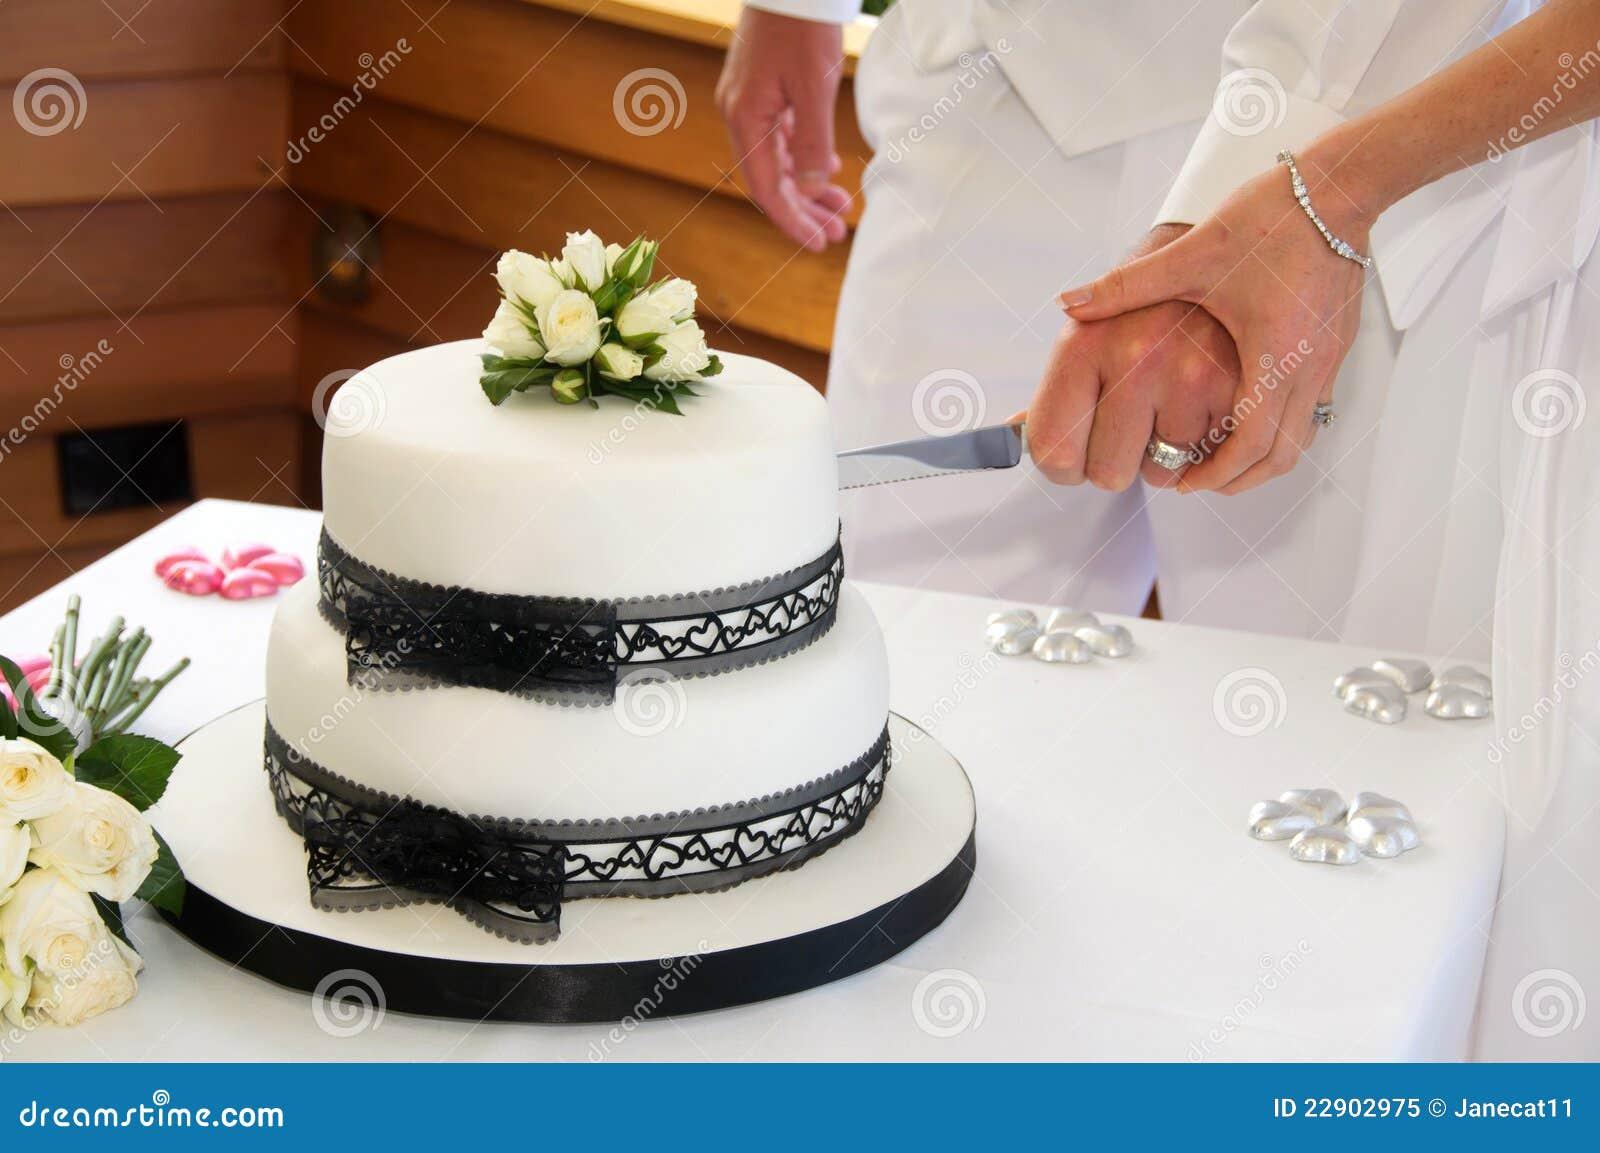 Cutting The Wedding Cake Royalty Free Stock Photo Image 22902975